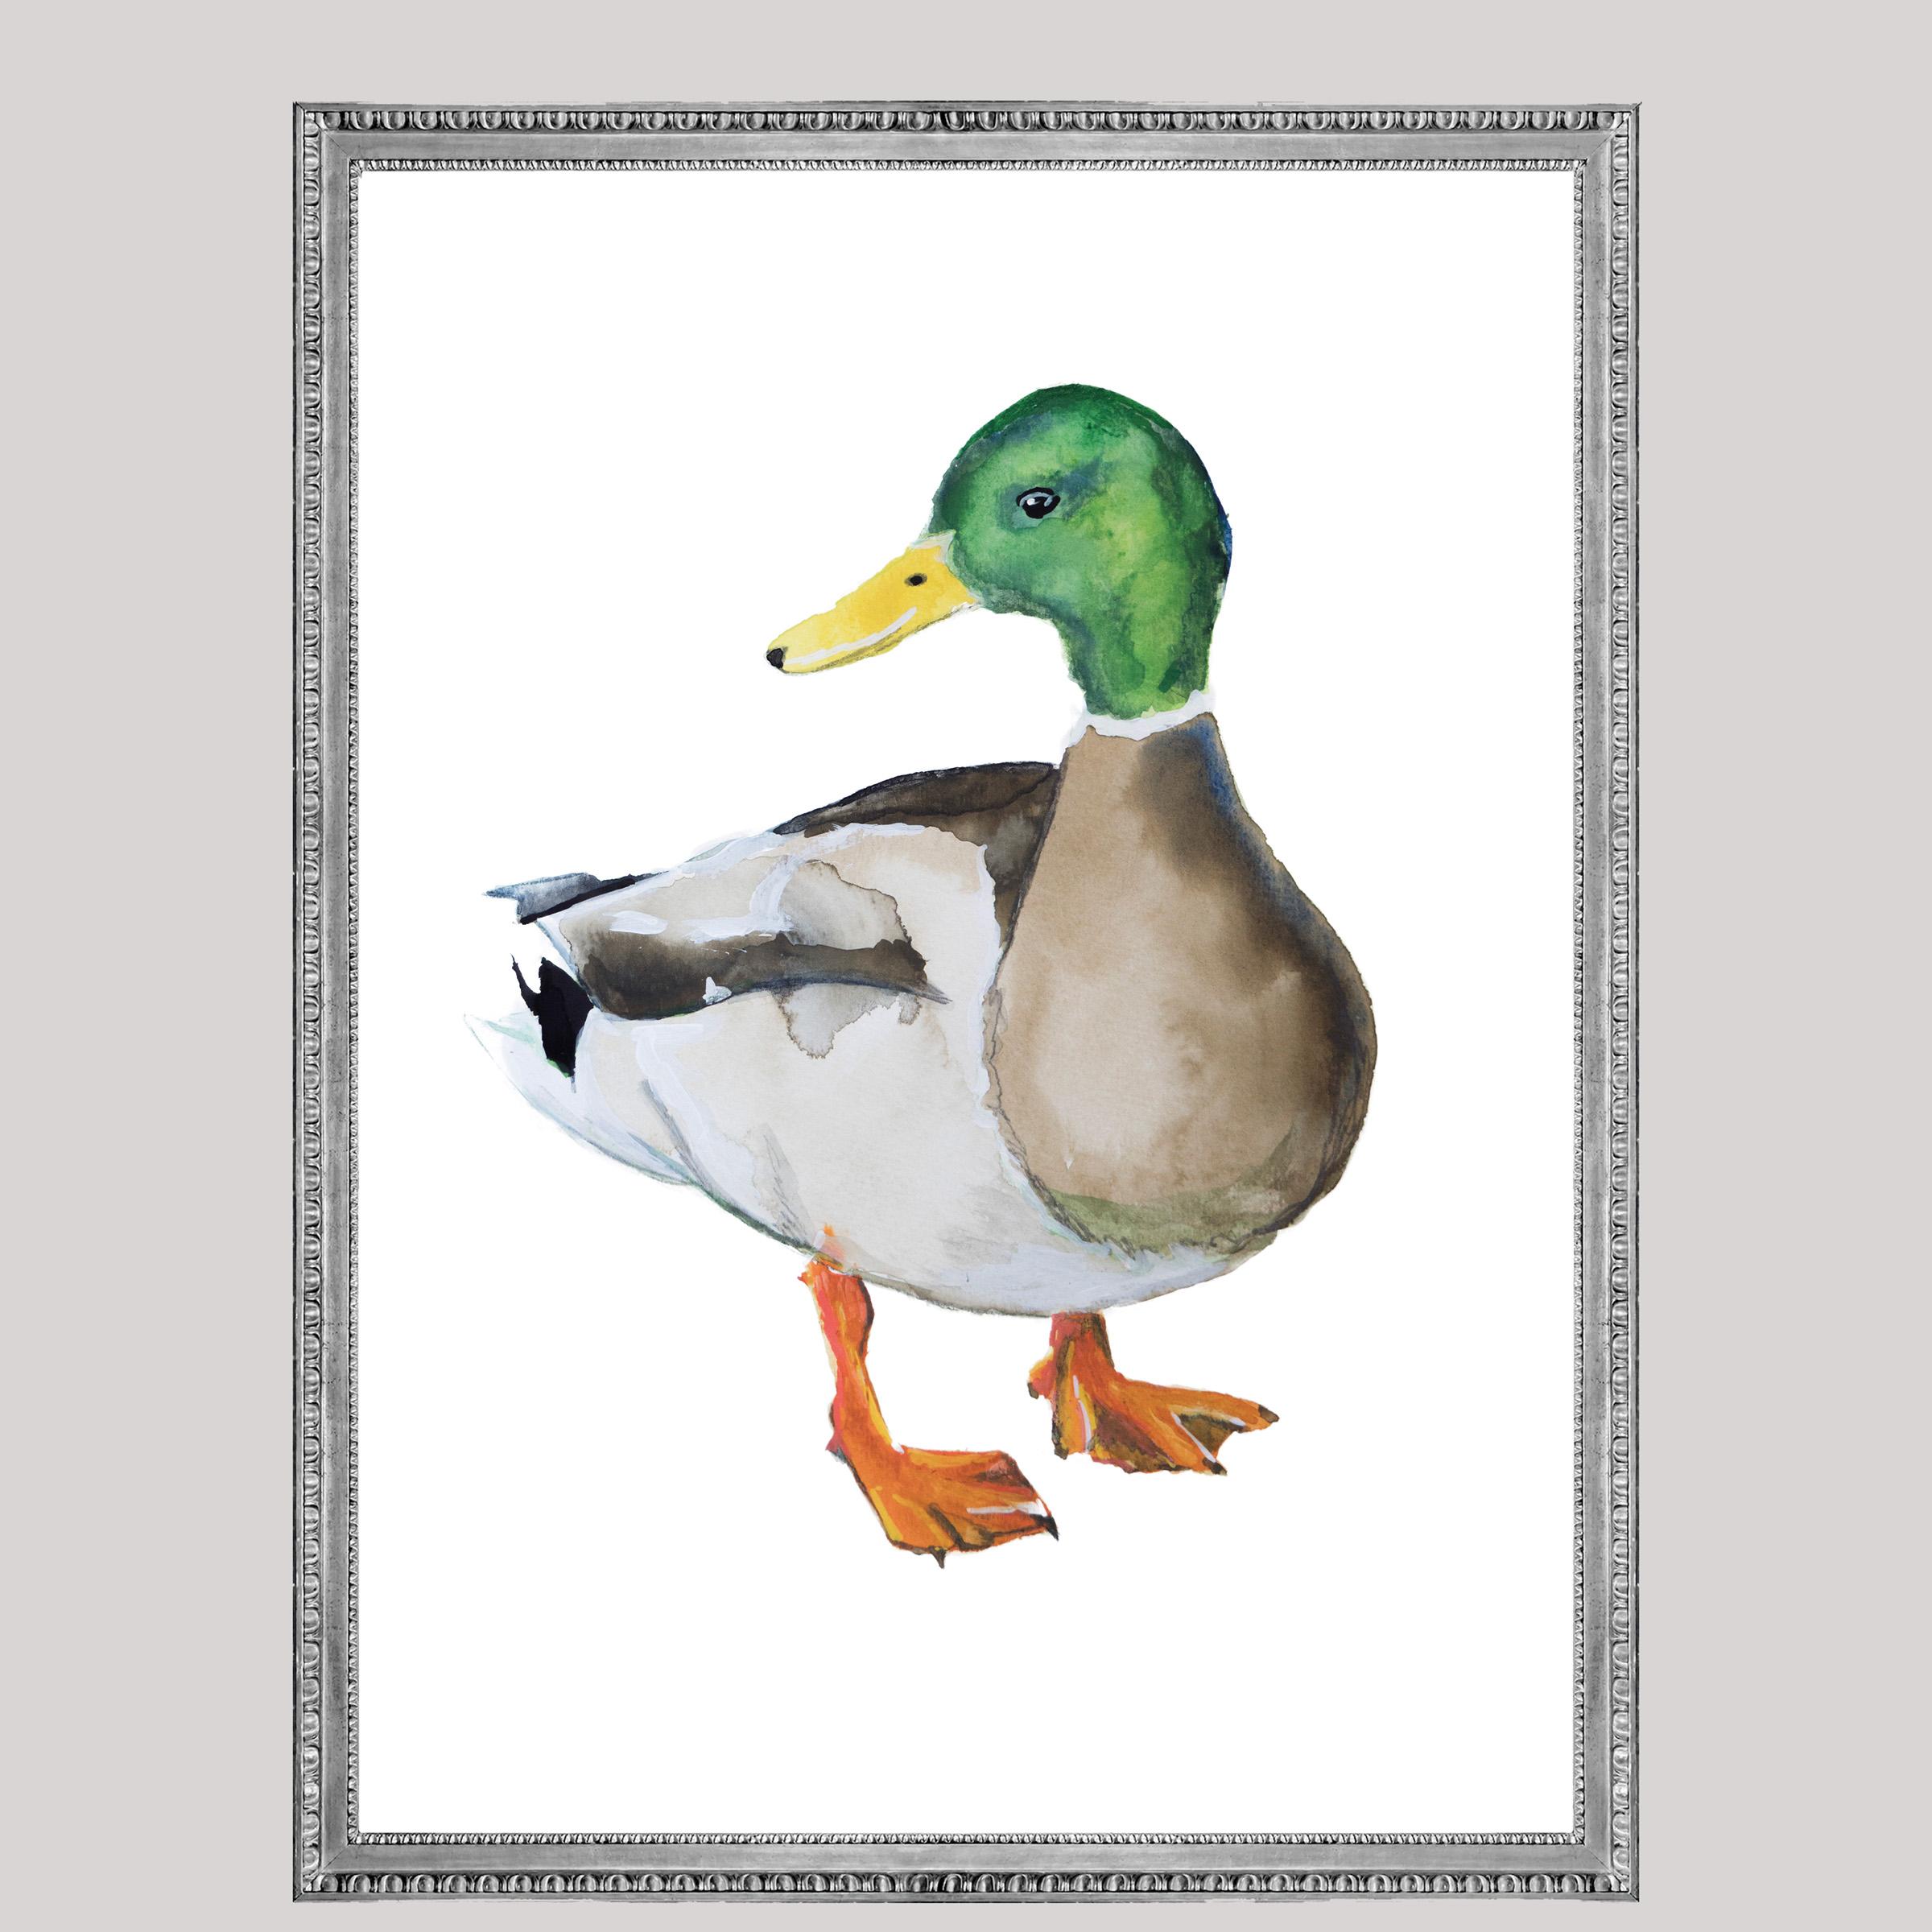 Eend Angela Peters illustratie, vogel kaarten Angelart Kunst&zo vogel poster